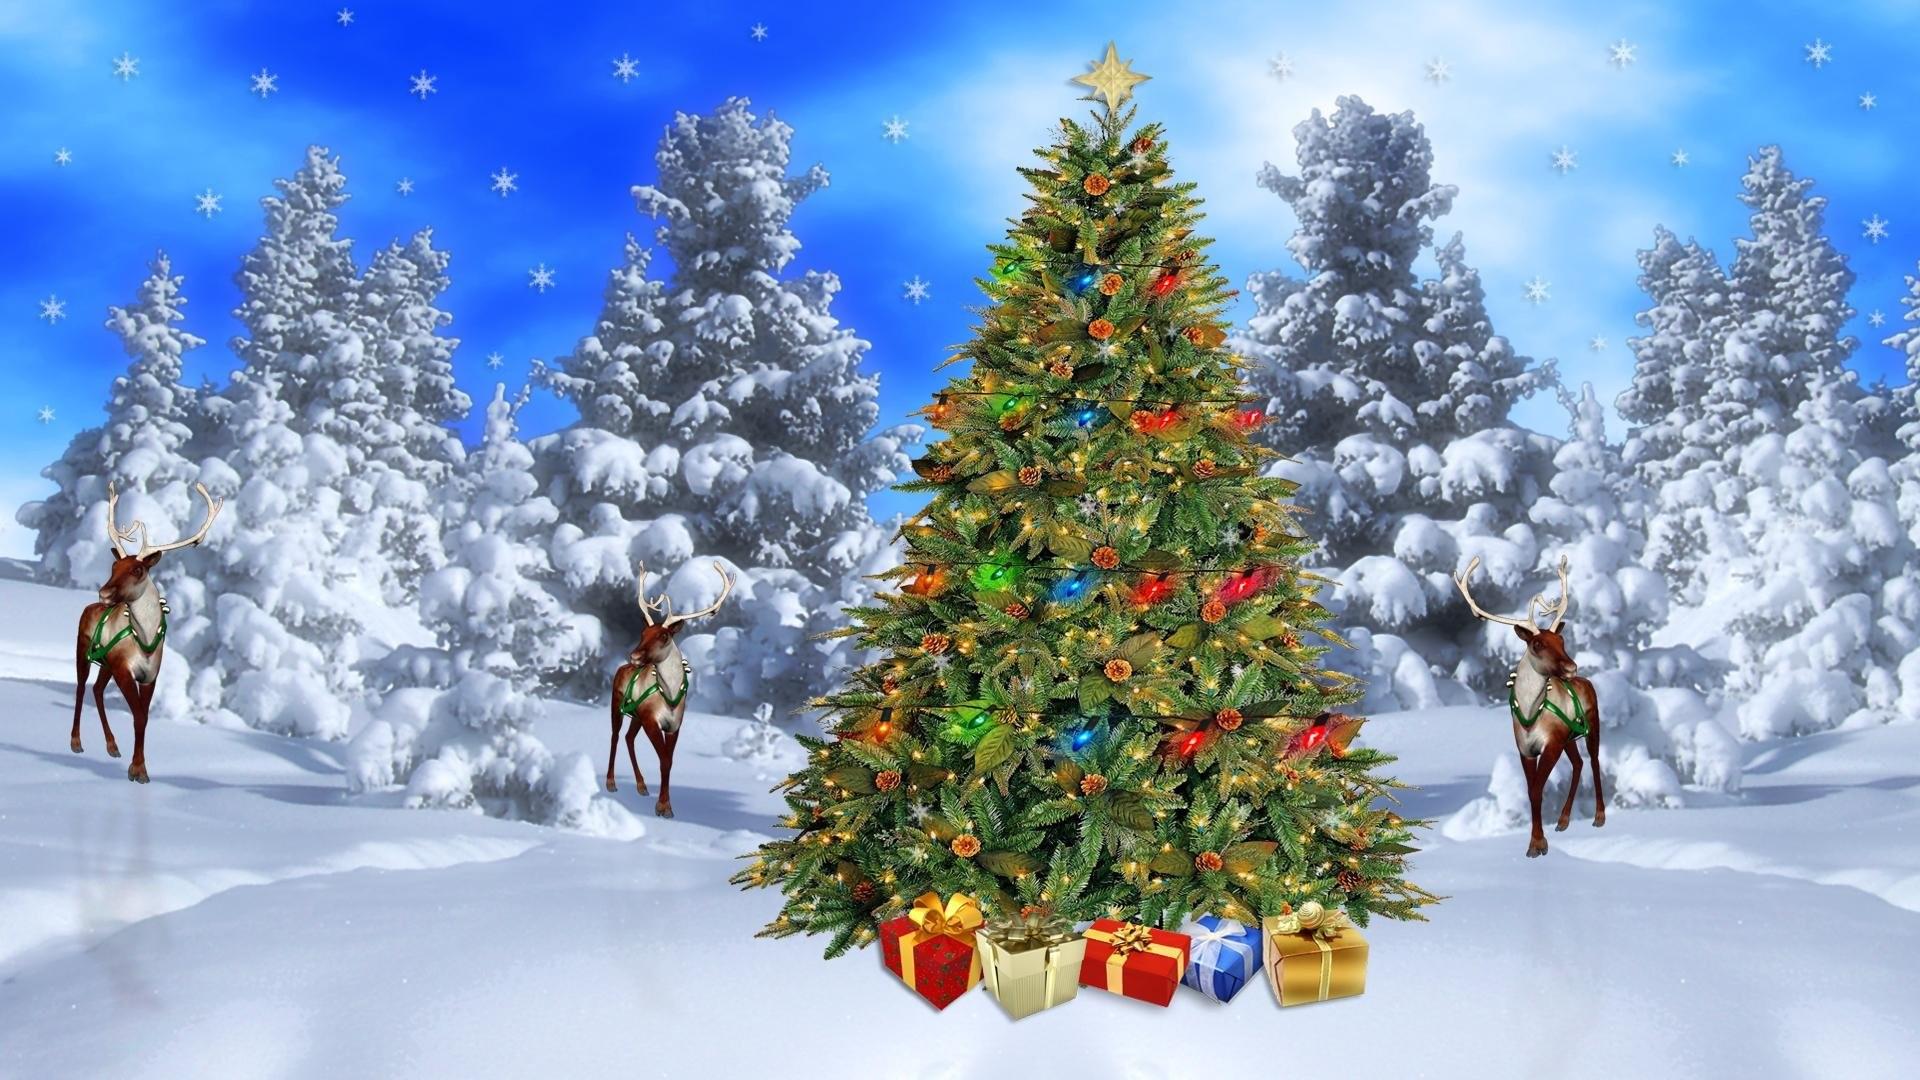 Christmas Scene Backgrounds – WallpaperPulse